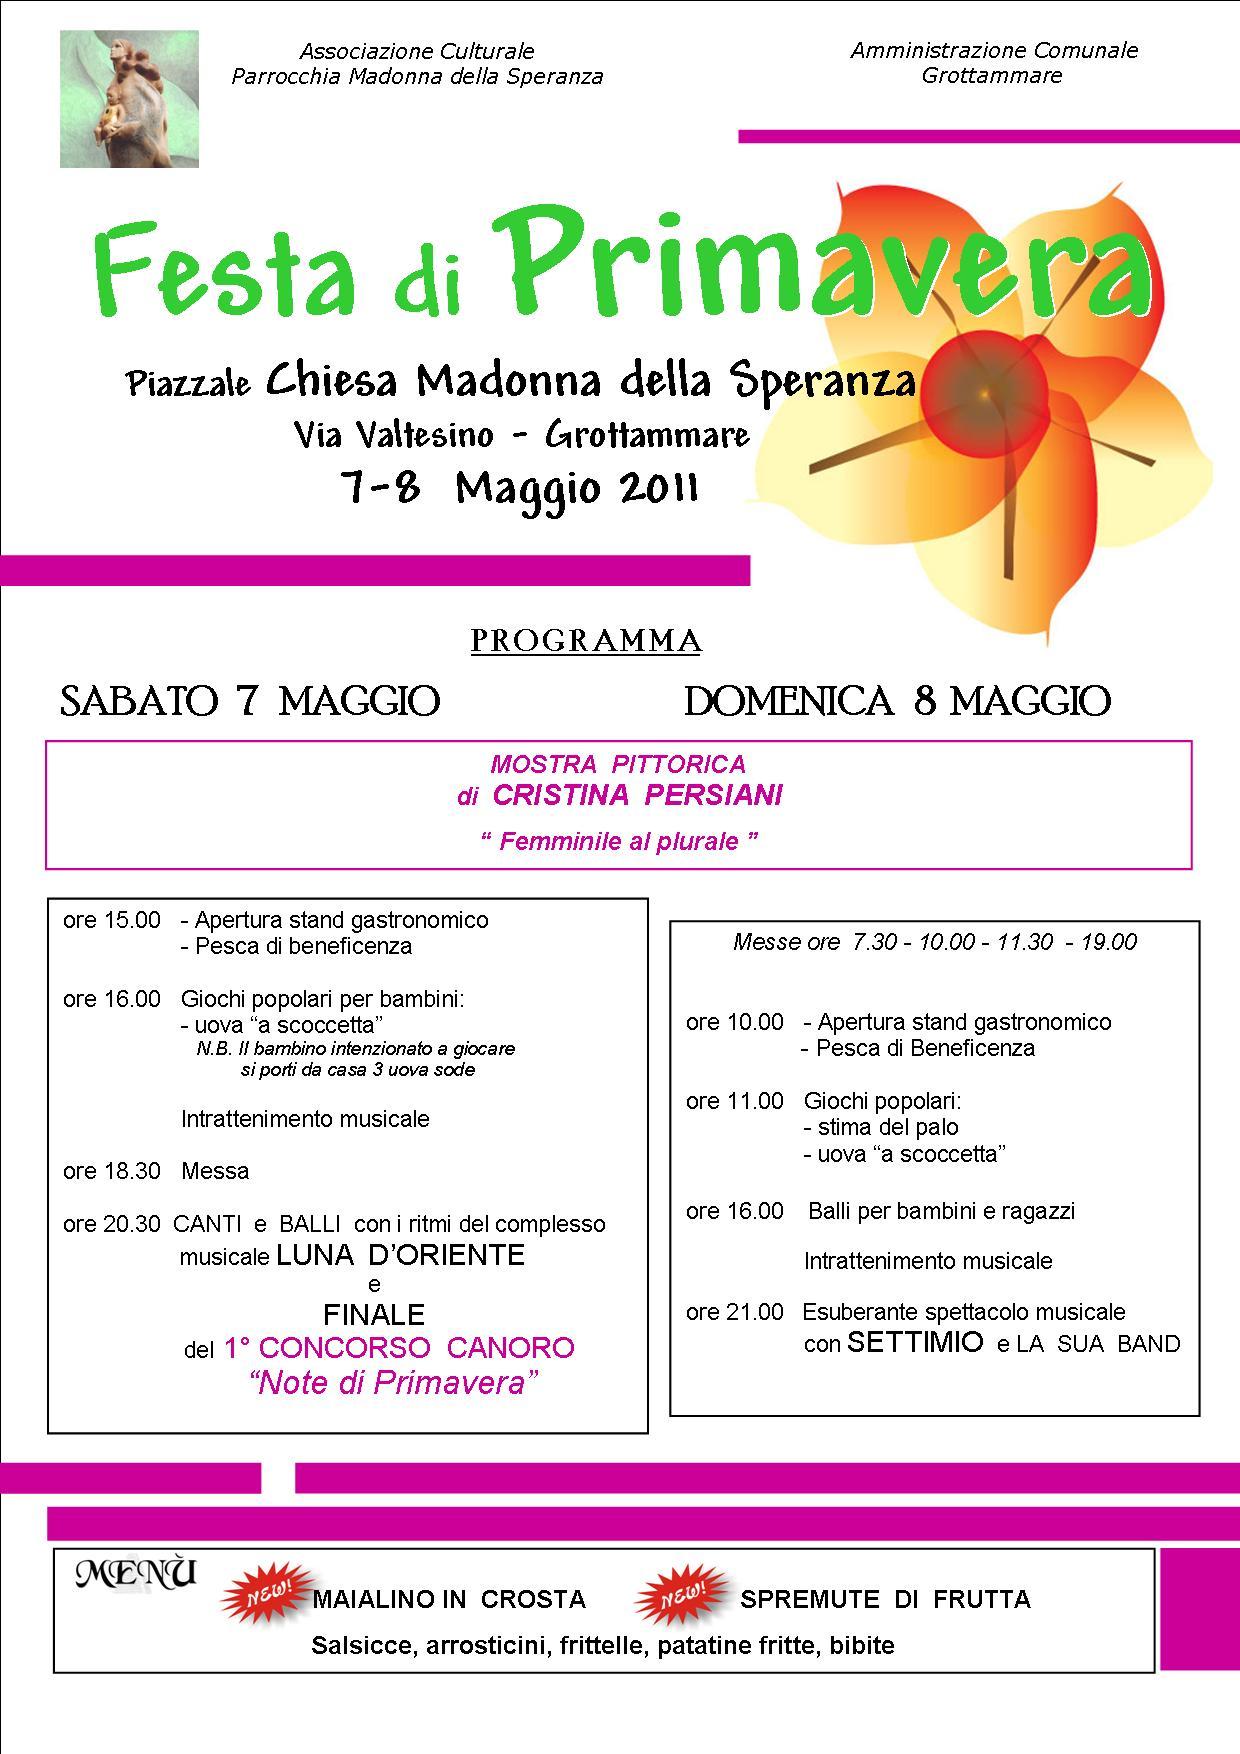 festa di primavera 2011